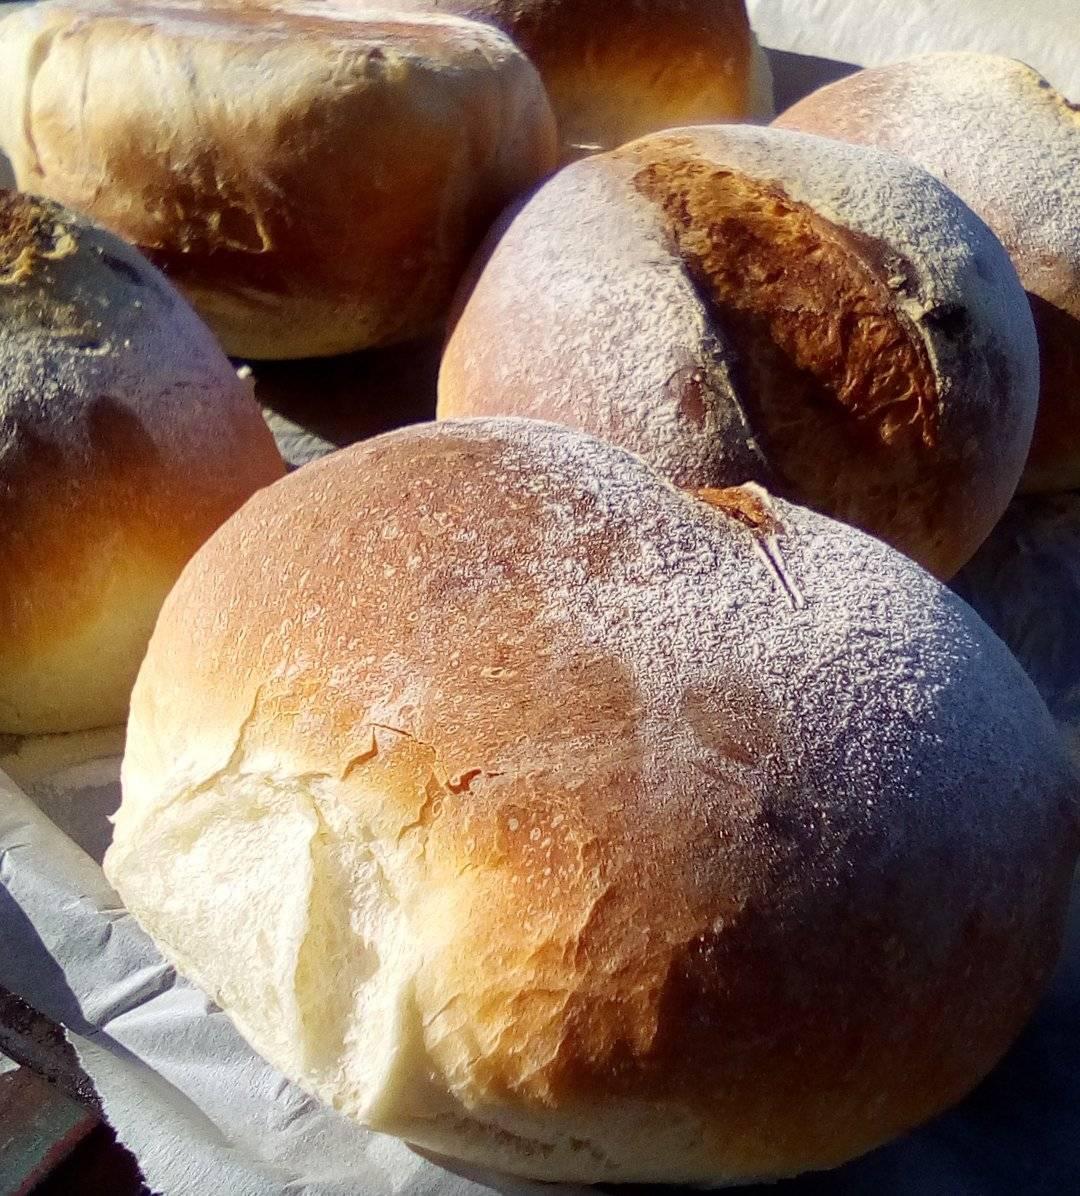 χωριάτικο_ψωμί_από_ τη _Τζένη Τσανακτσίδου_